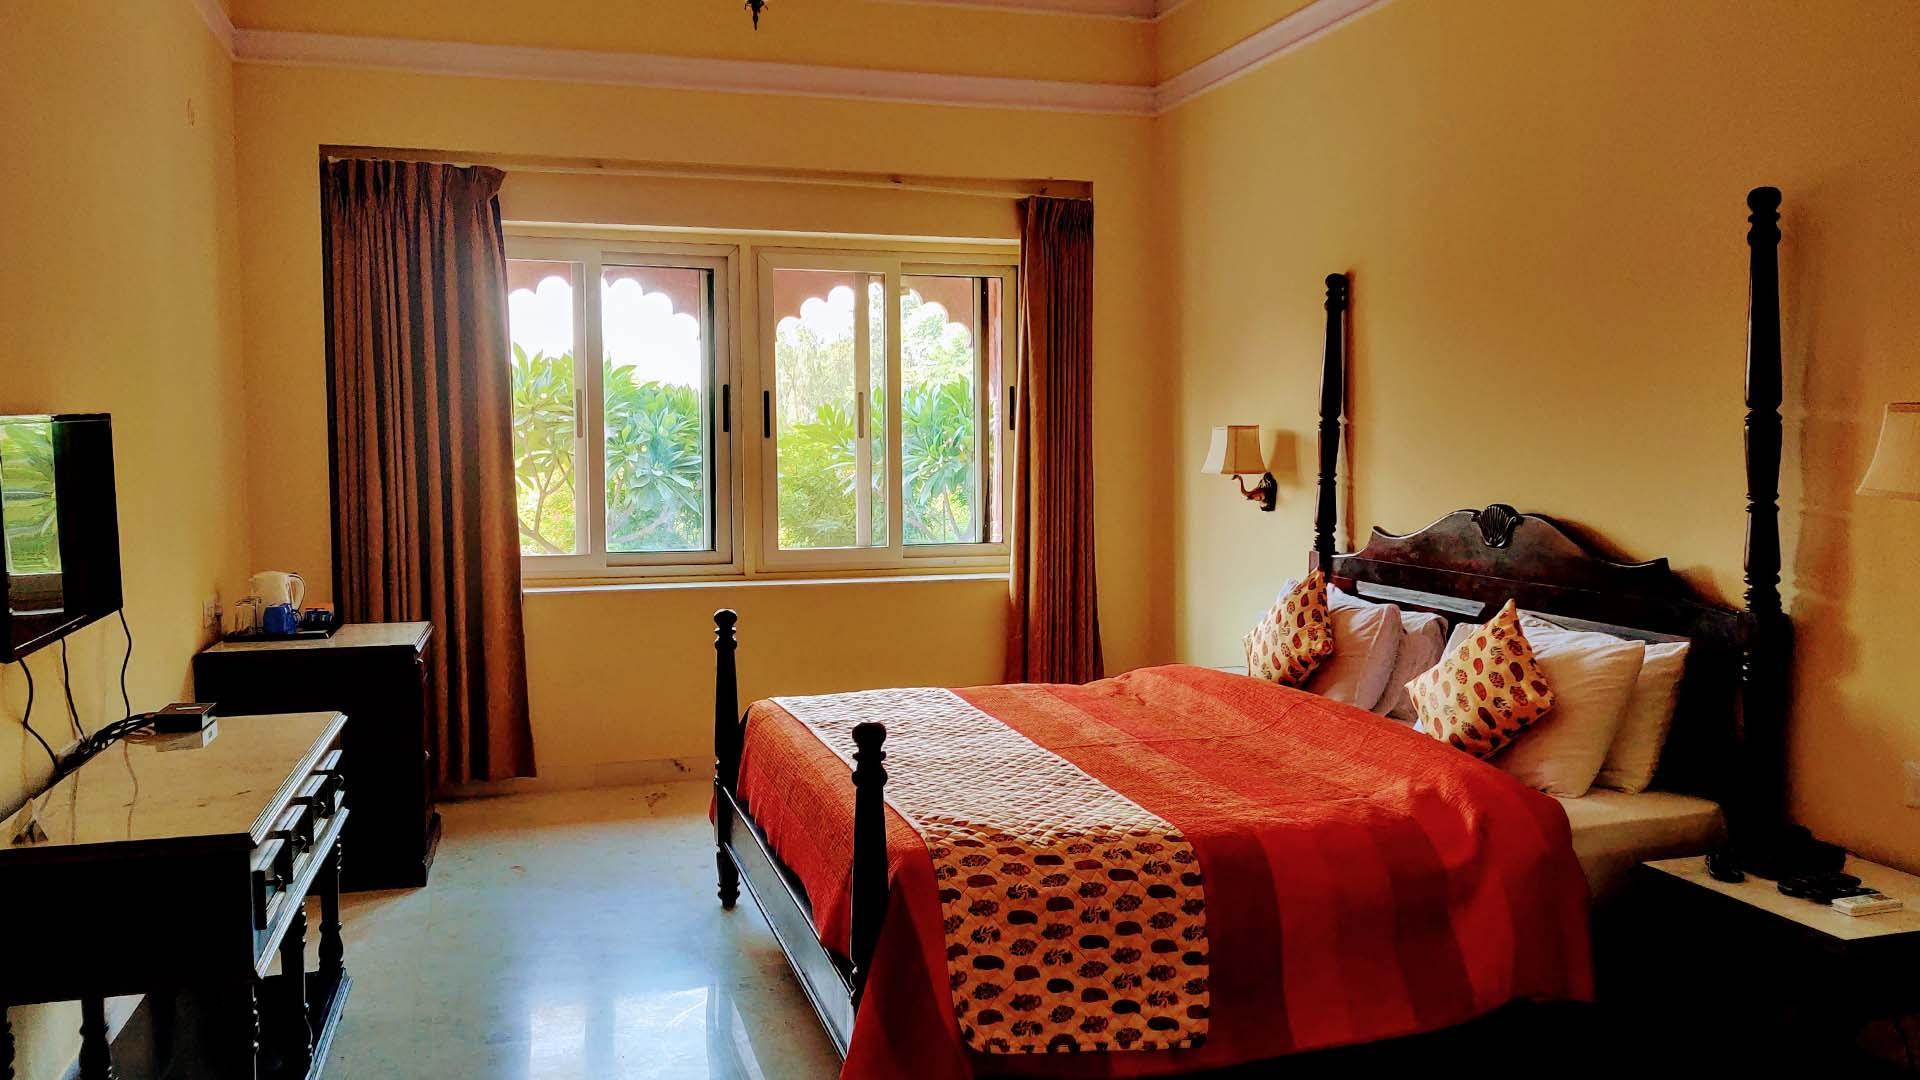 Royal Suite image 1 at Umaid Lake Palace – An Organic Retreat by Dausa, Rajasthan, India